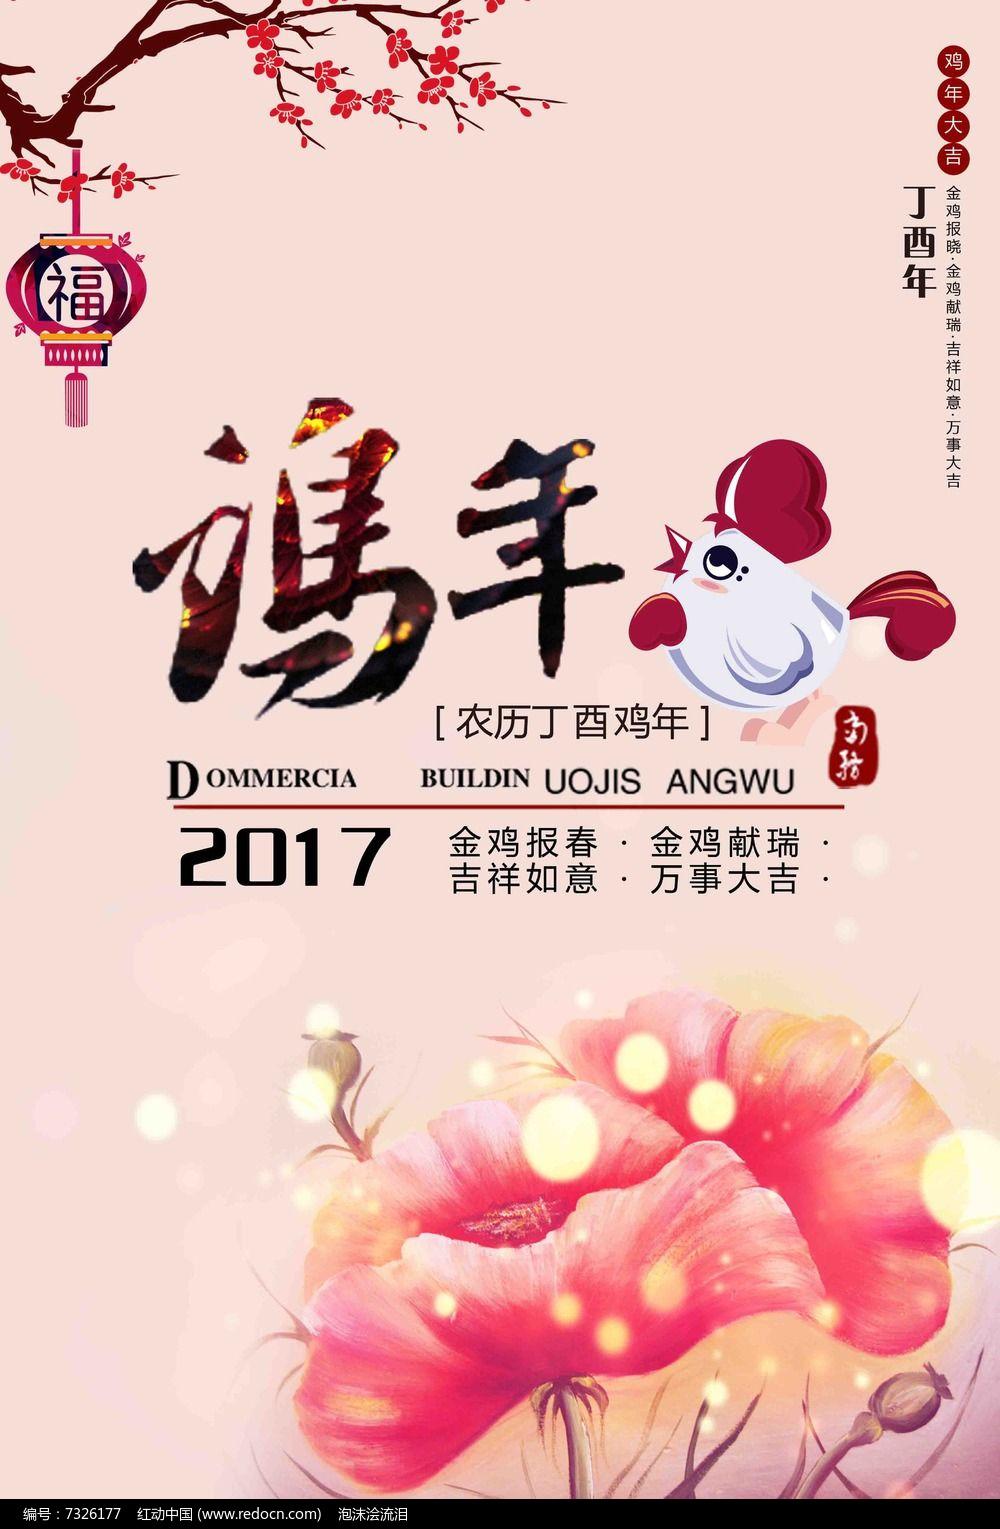 017鸡年大吉新春画报素材下载 编号7326177 红动网